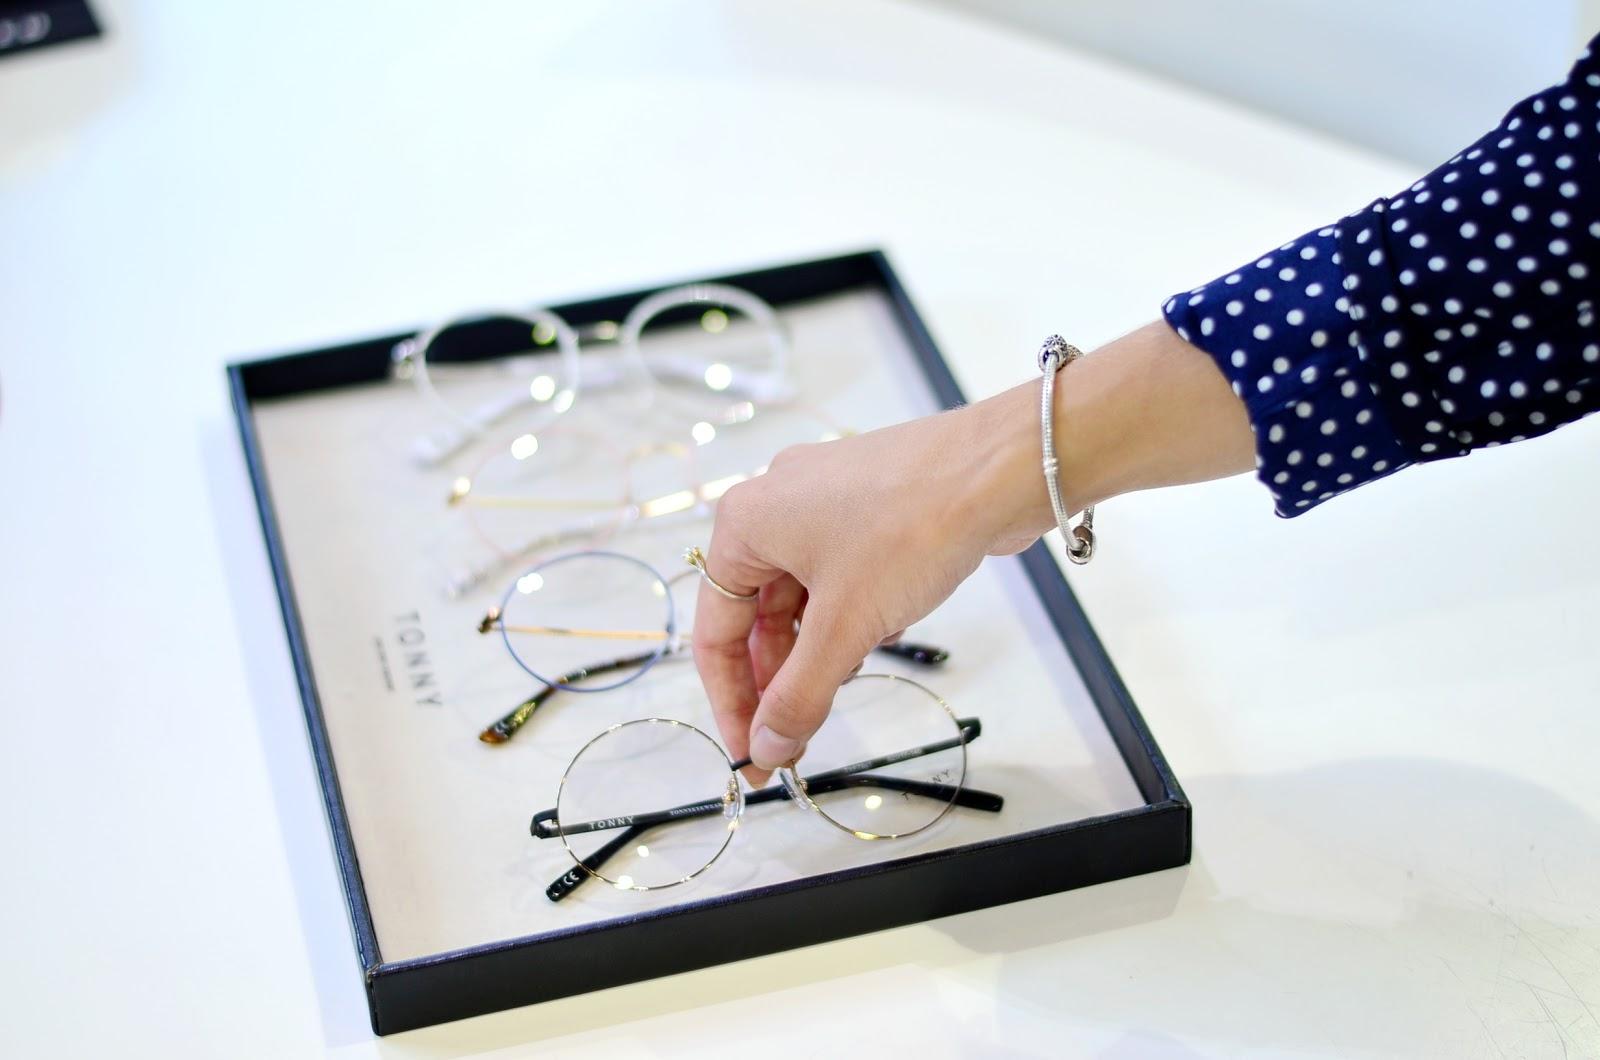 Wizyta w Studio Optyczne 44- dzień z marką Tonny Eyewear. Jakie okulary wybrałam dla siebie?